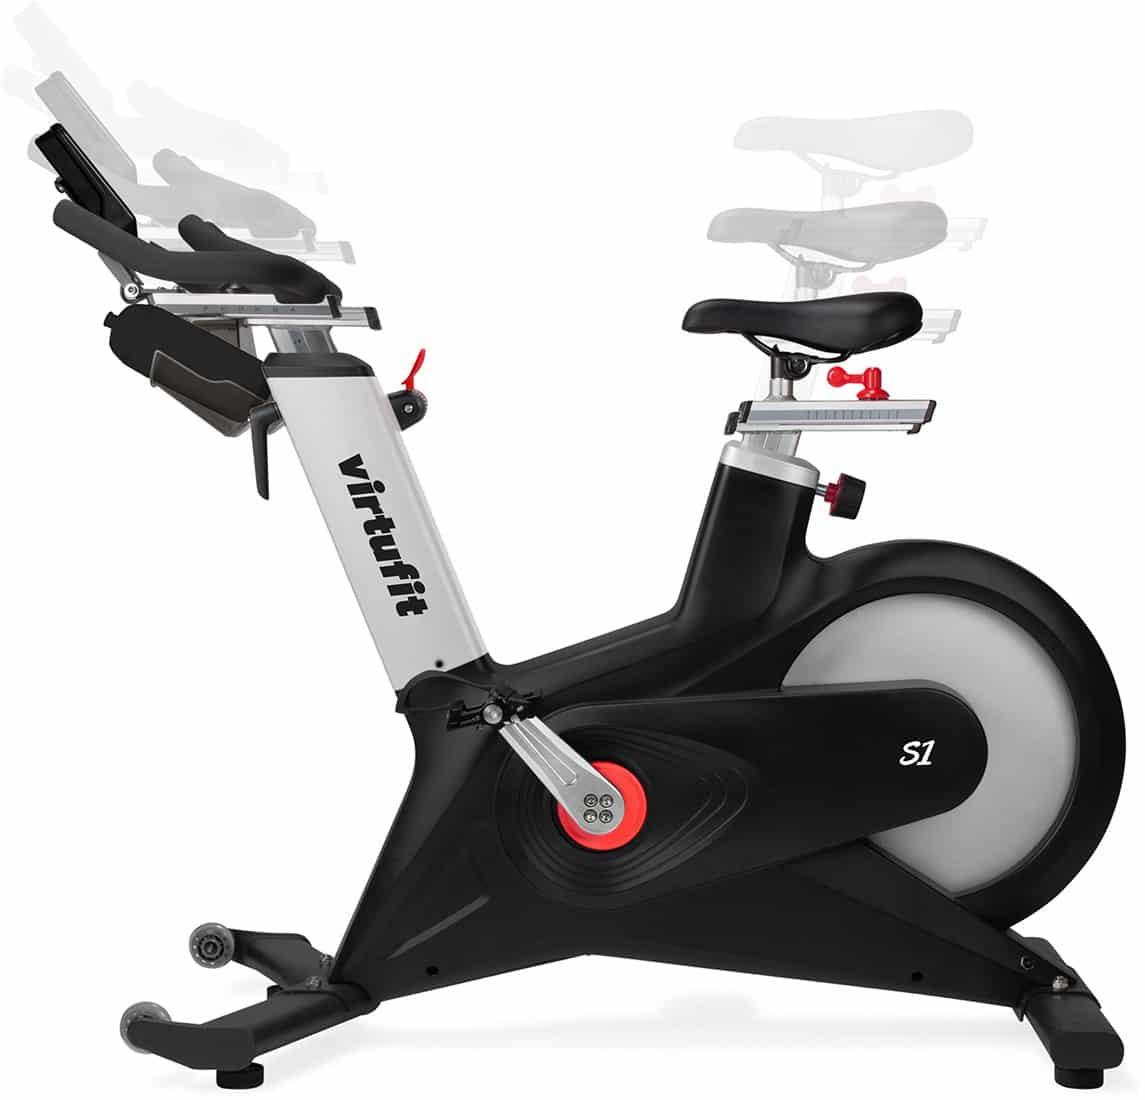 virtufit-indoor-cycle-s1-spinningfiets-verstelbaar-zadel-stuur